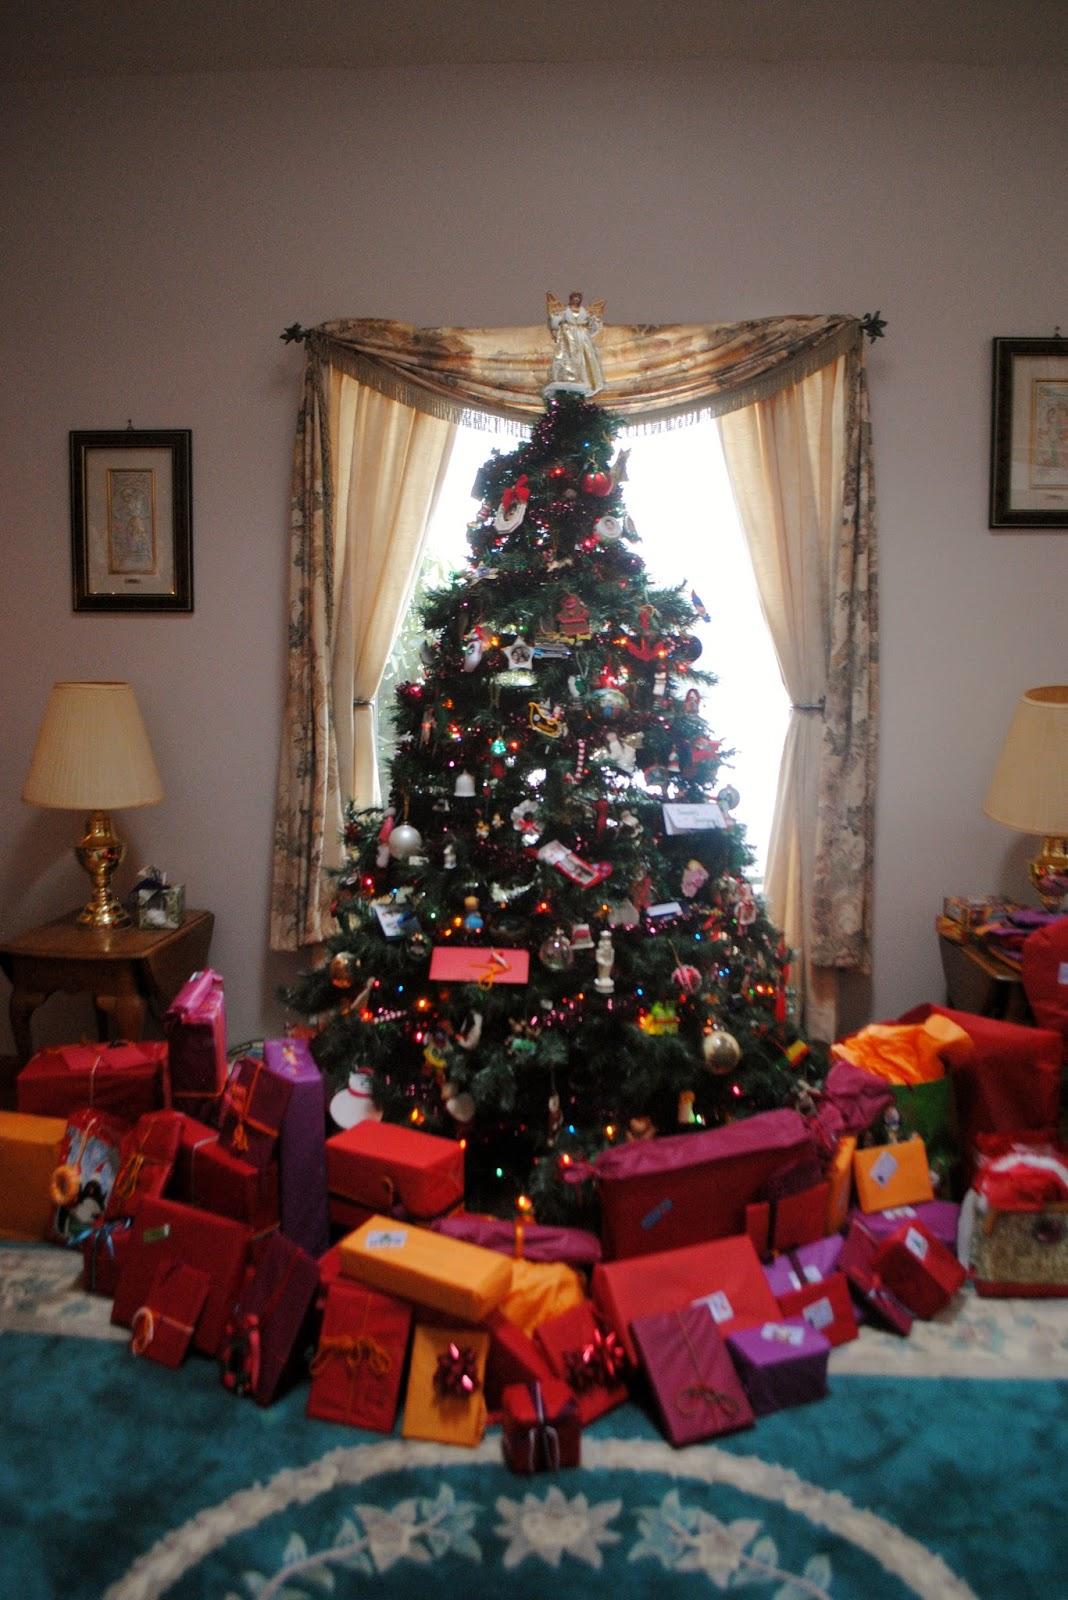 12-25-2012-+Christmas+Day+127.JPG